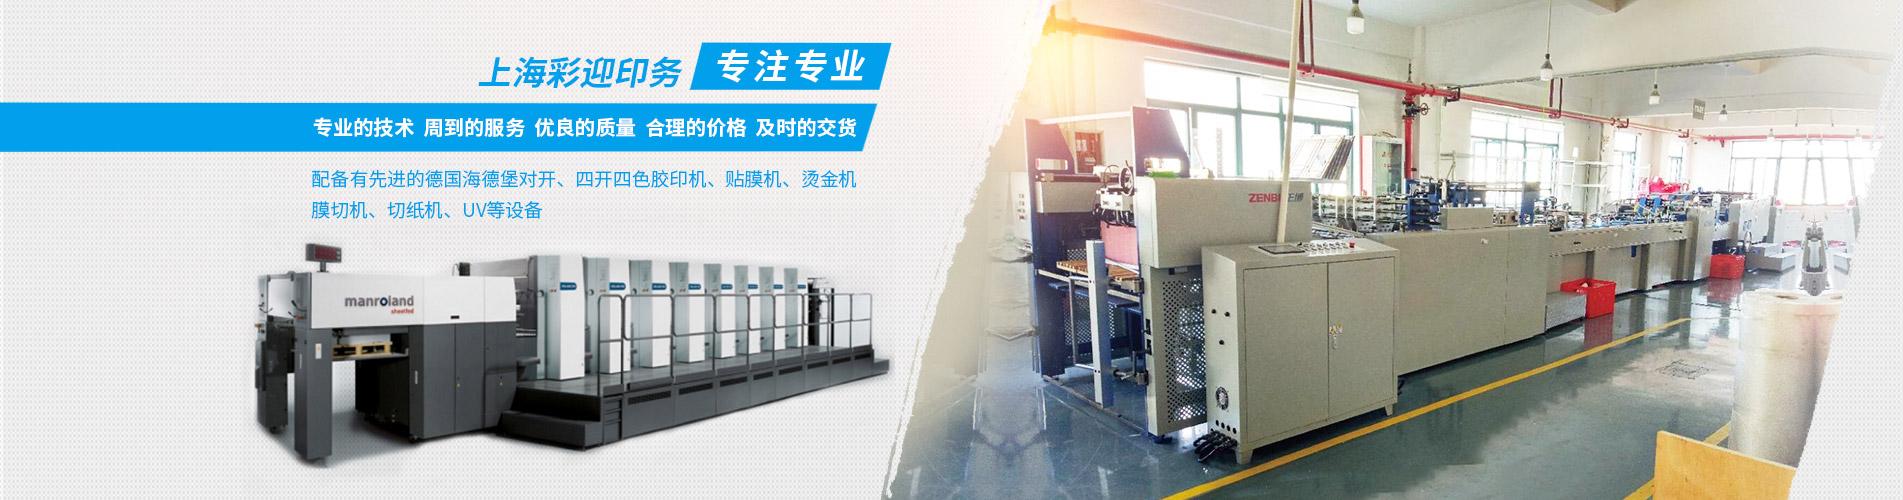 上海纸袋印刷设备